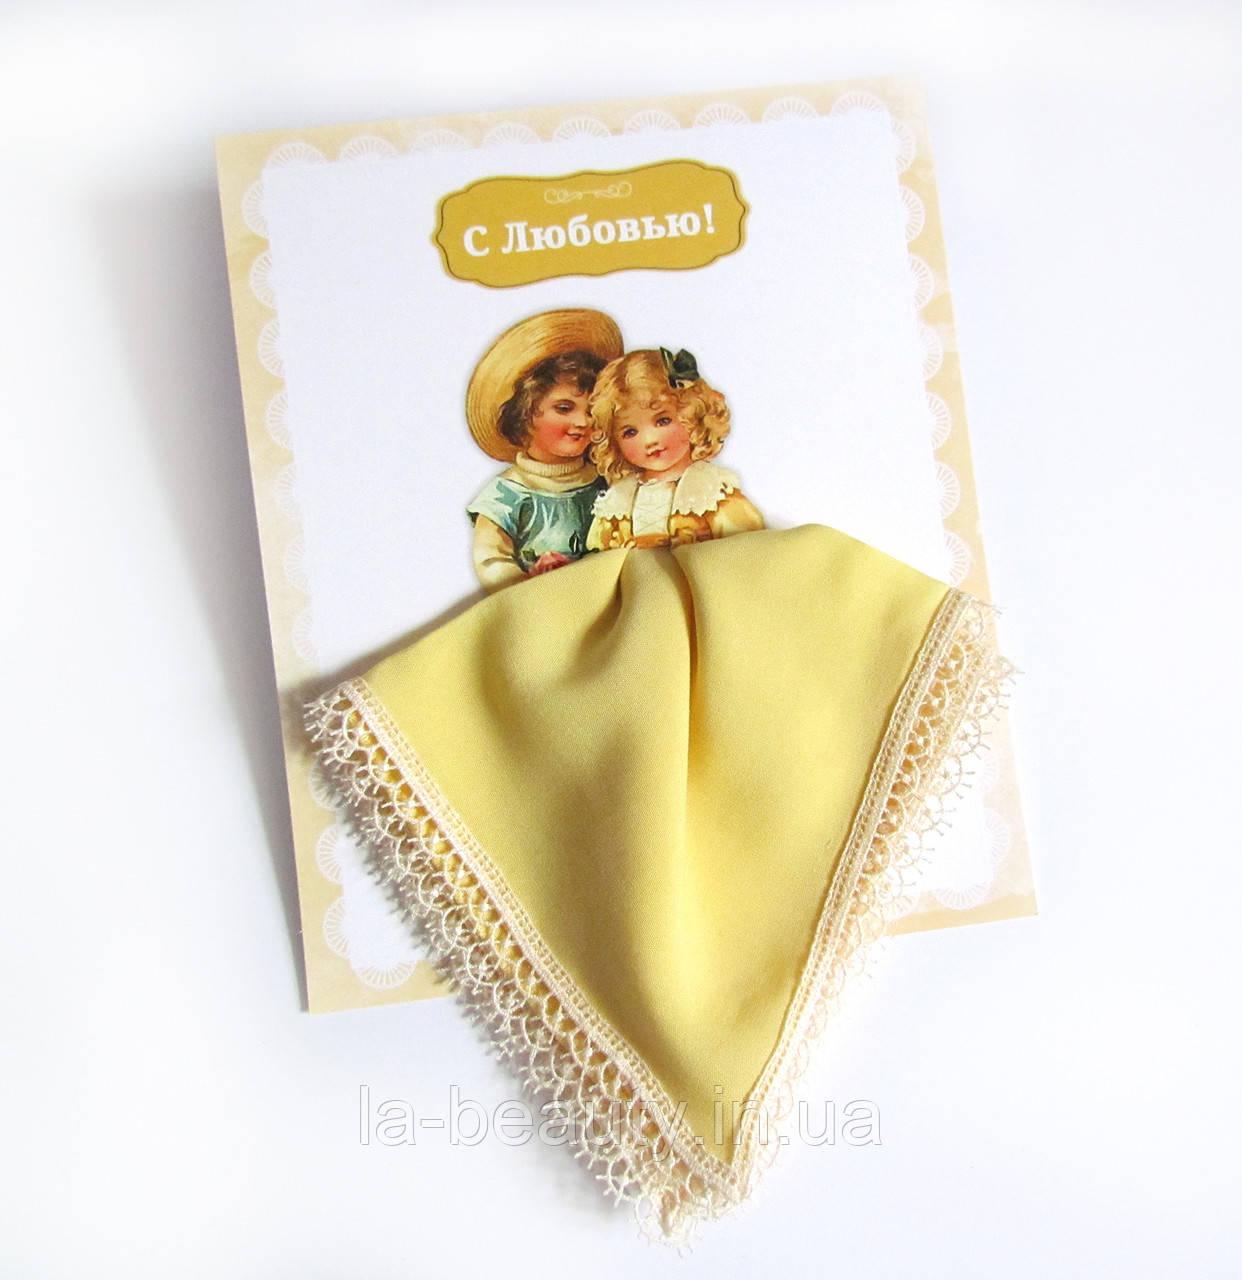 Носовой платок желтый С любовью! на подарок